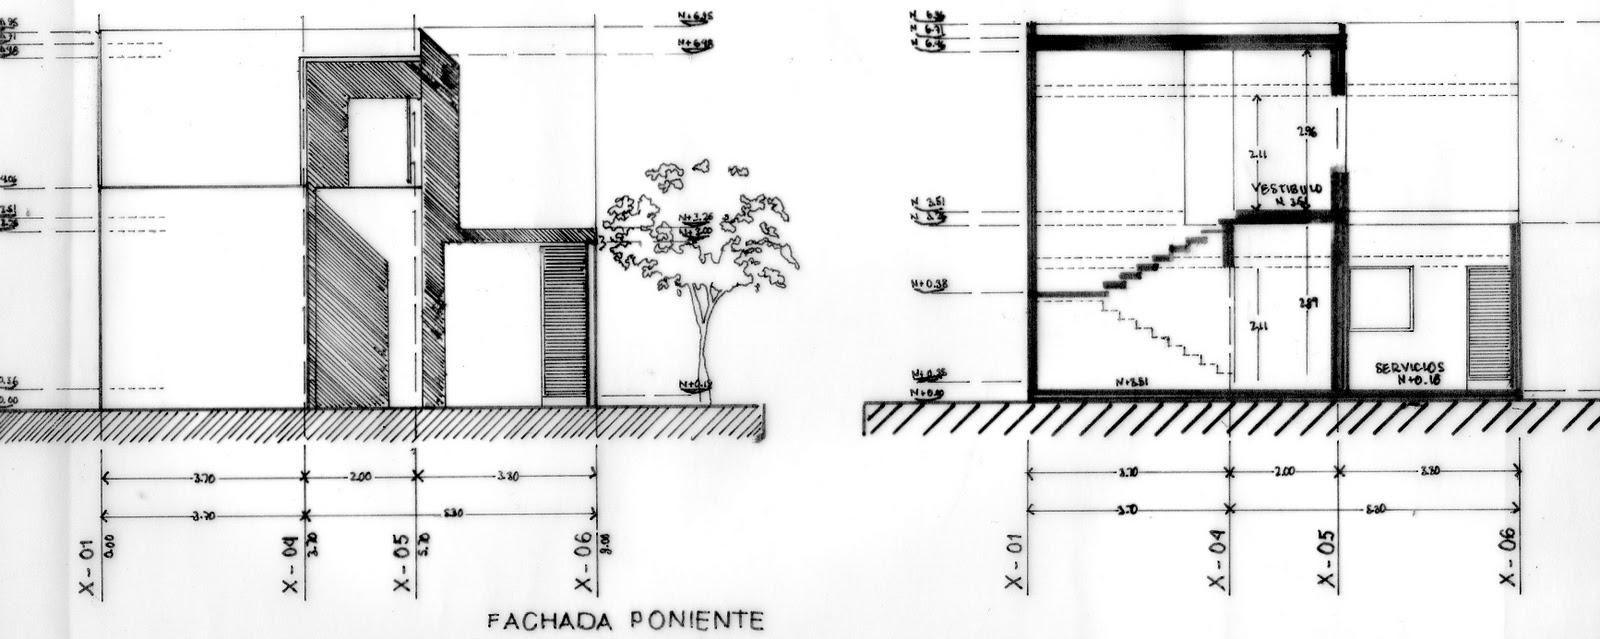 La arquitectura y yo t cnicas de estilogr fo for Planos tecnicos arquitectonicos